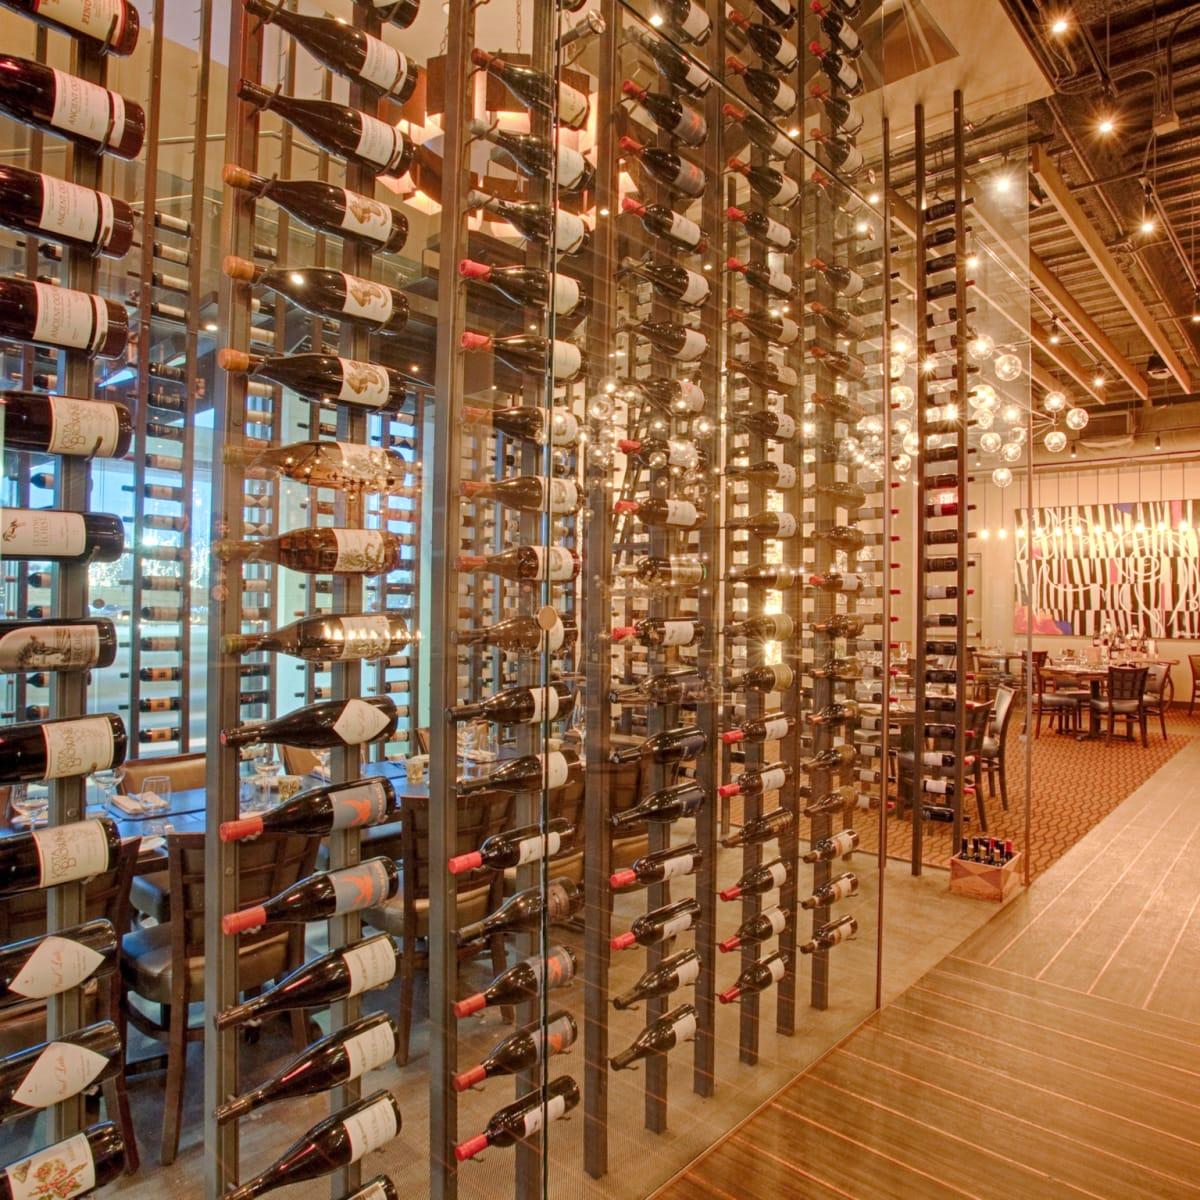 Vallone's wine tower